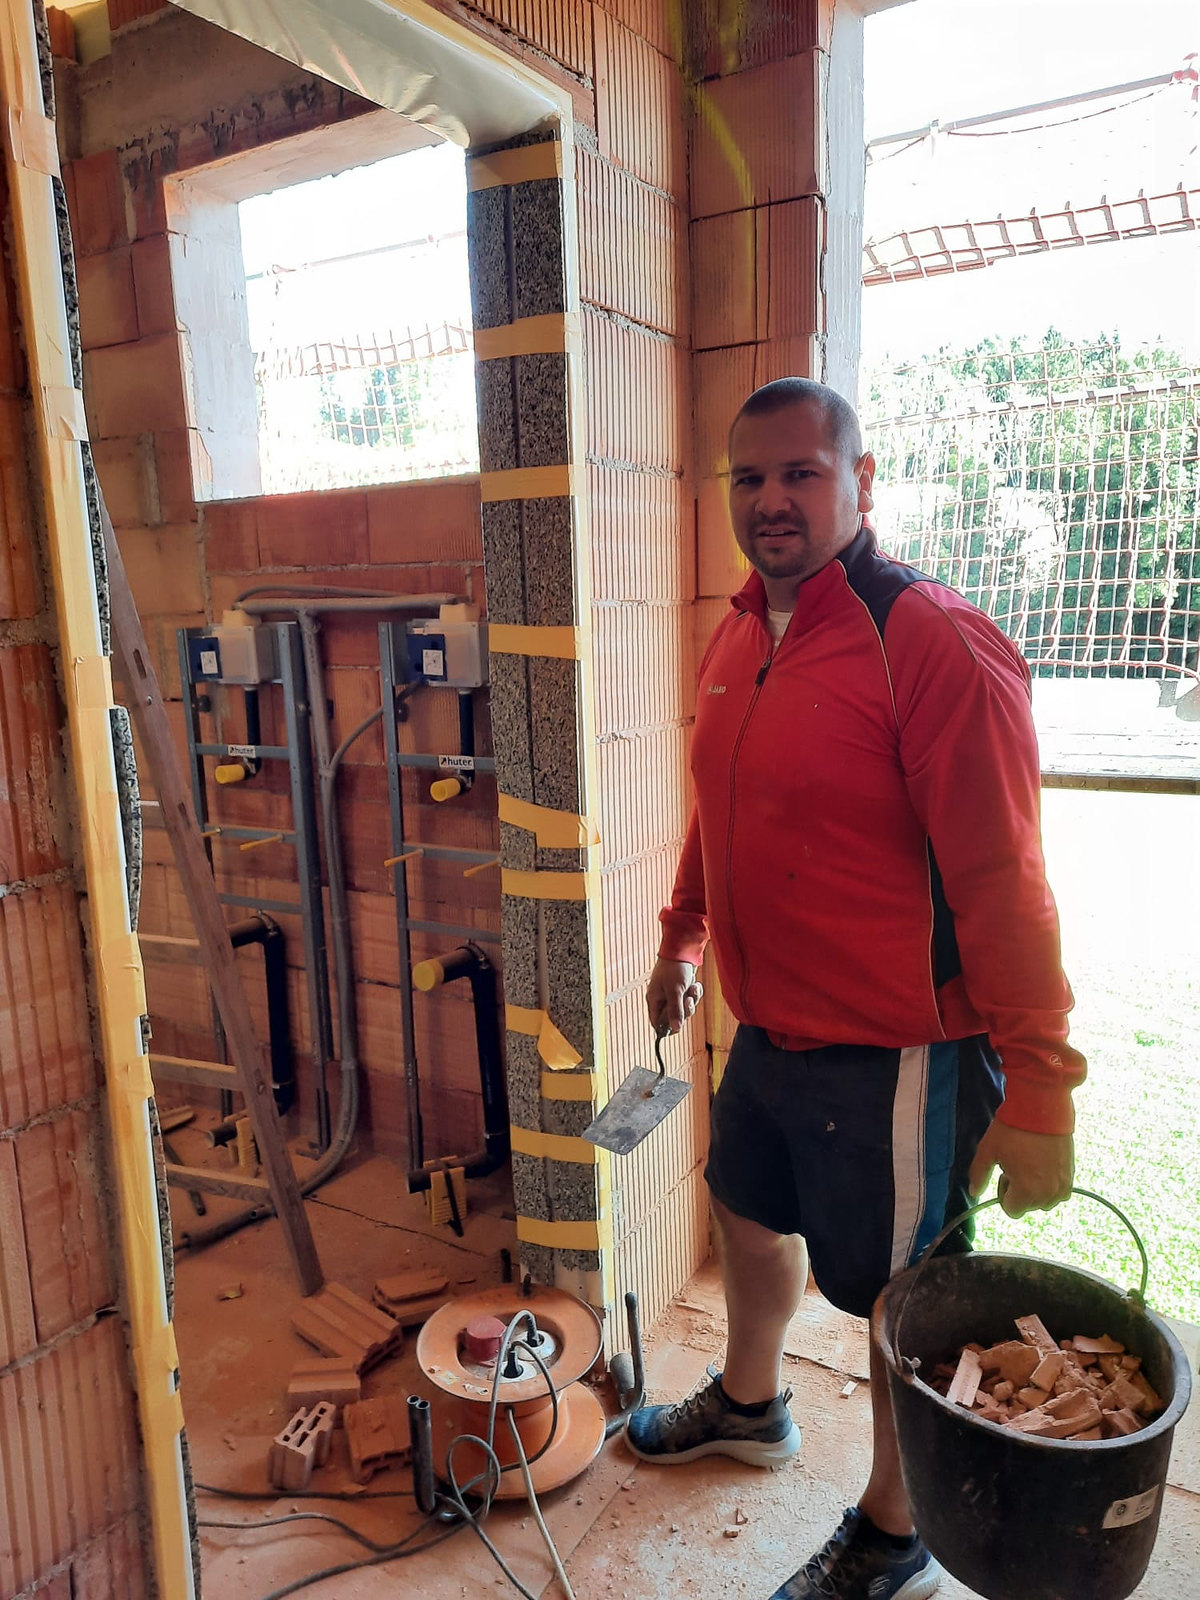 21_09_04 Elektriker u. Installations Arbeiten 12.jpg